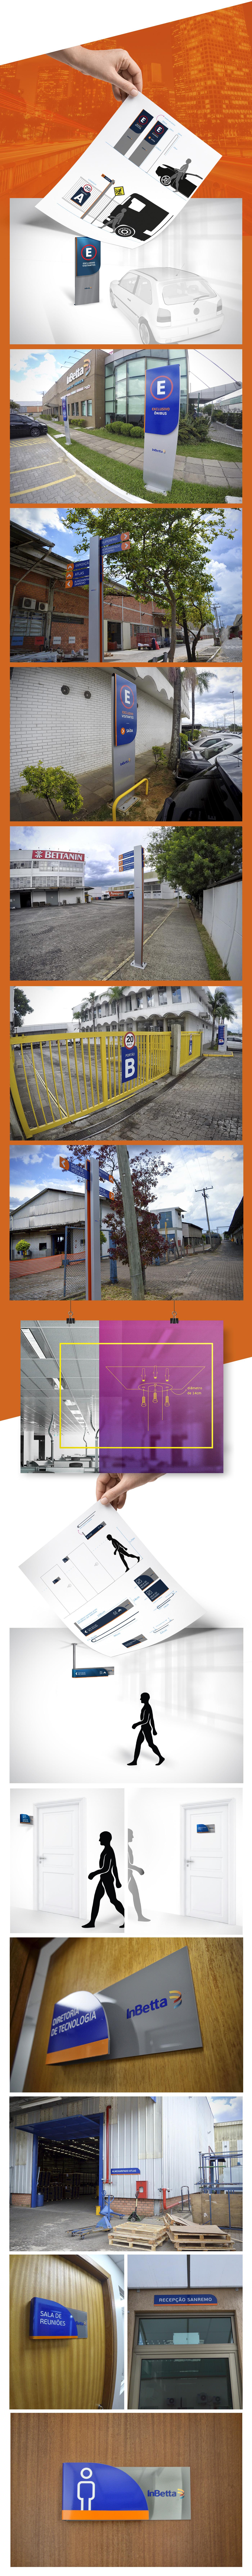 Signage Sinalização Ambientação design design signage INBETTA Retail